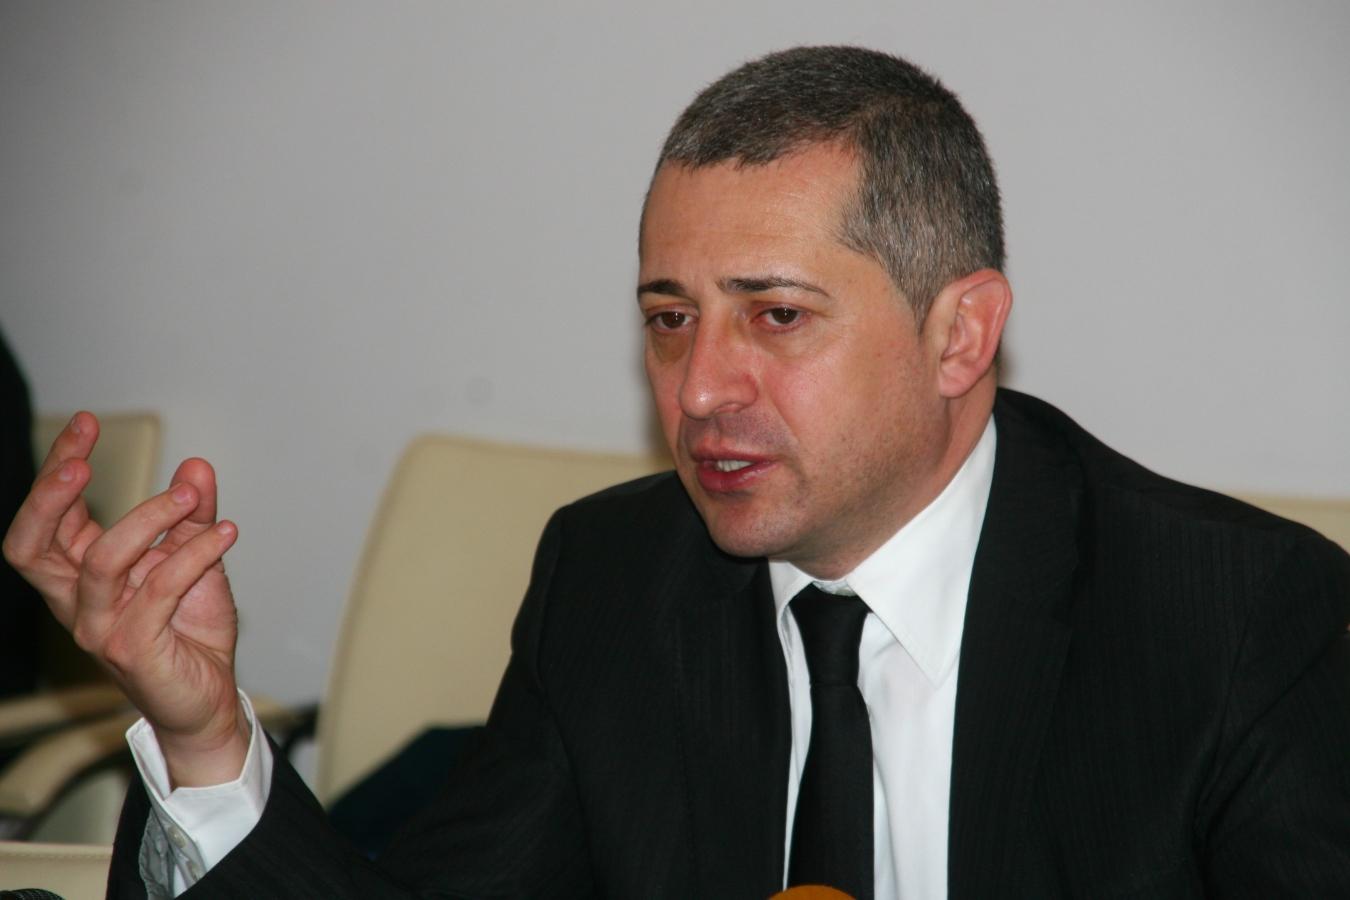 Şeful AJOFM Cluj, Daniel Don, a fost trimis în judecată de procurorii DNA pentru fapte de corupţie